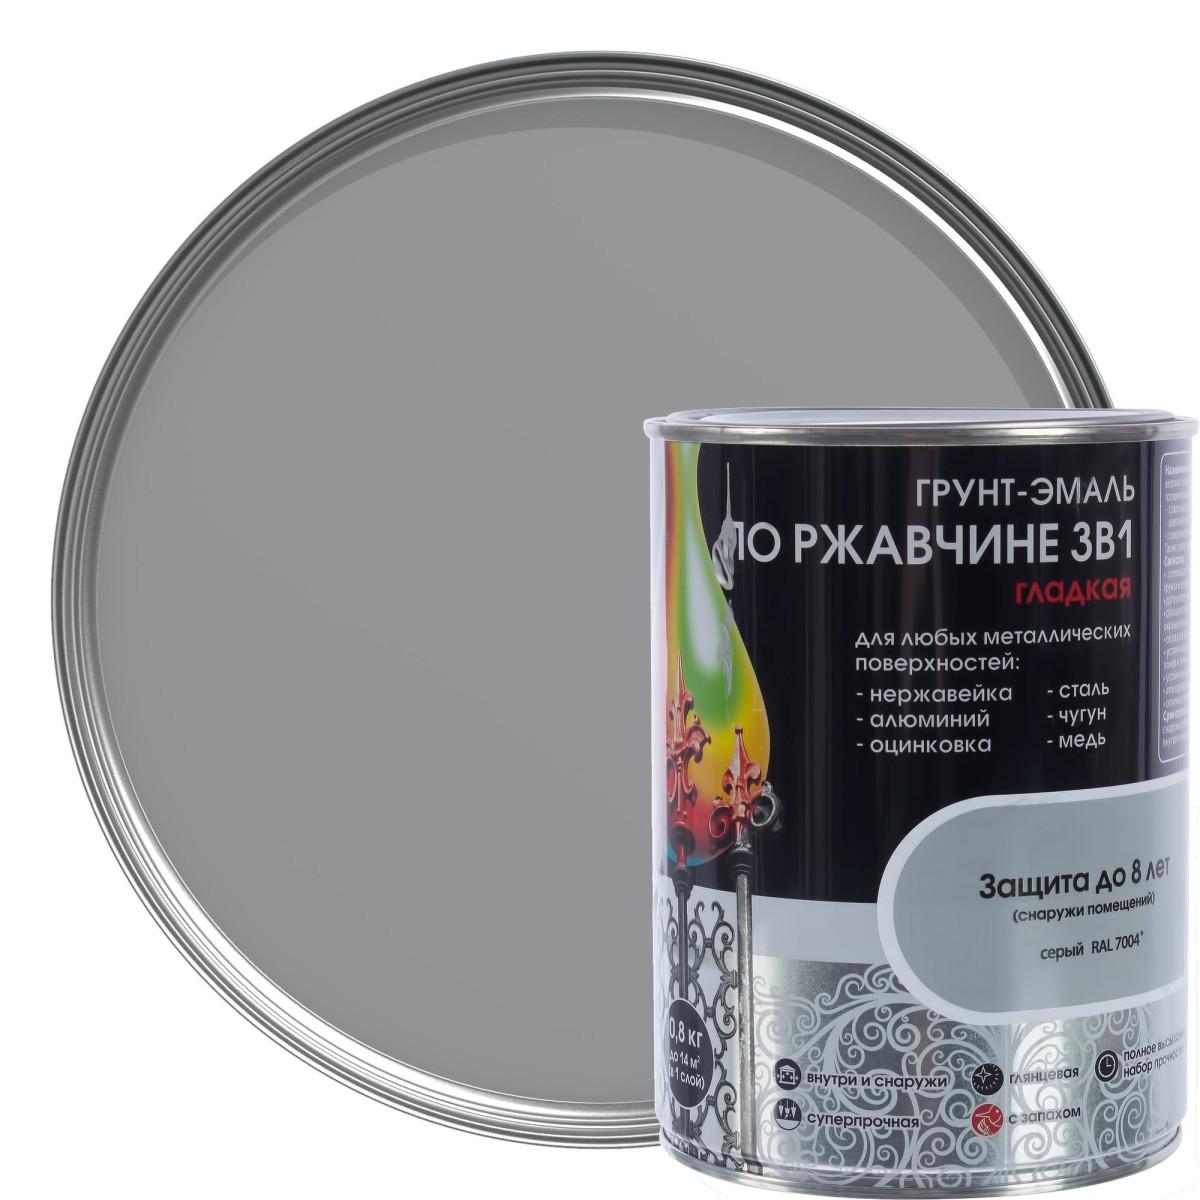 Грунт эмаль по ржавчине 3 в 1 гладкая Dali Special цвет серый 0.8 кг